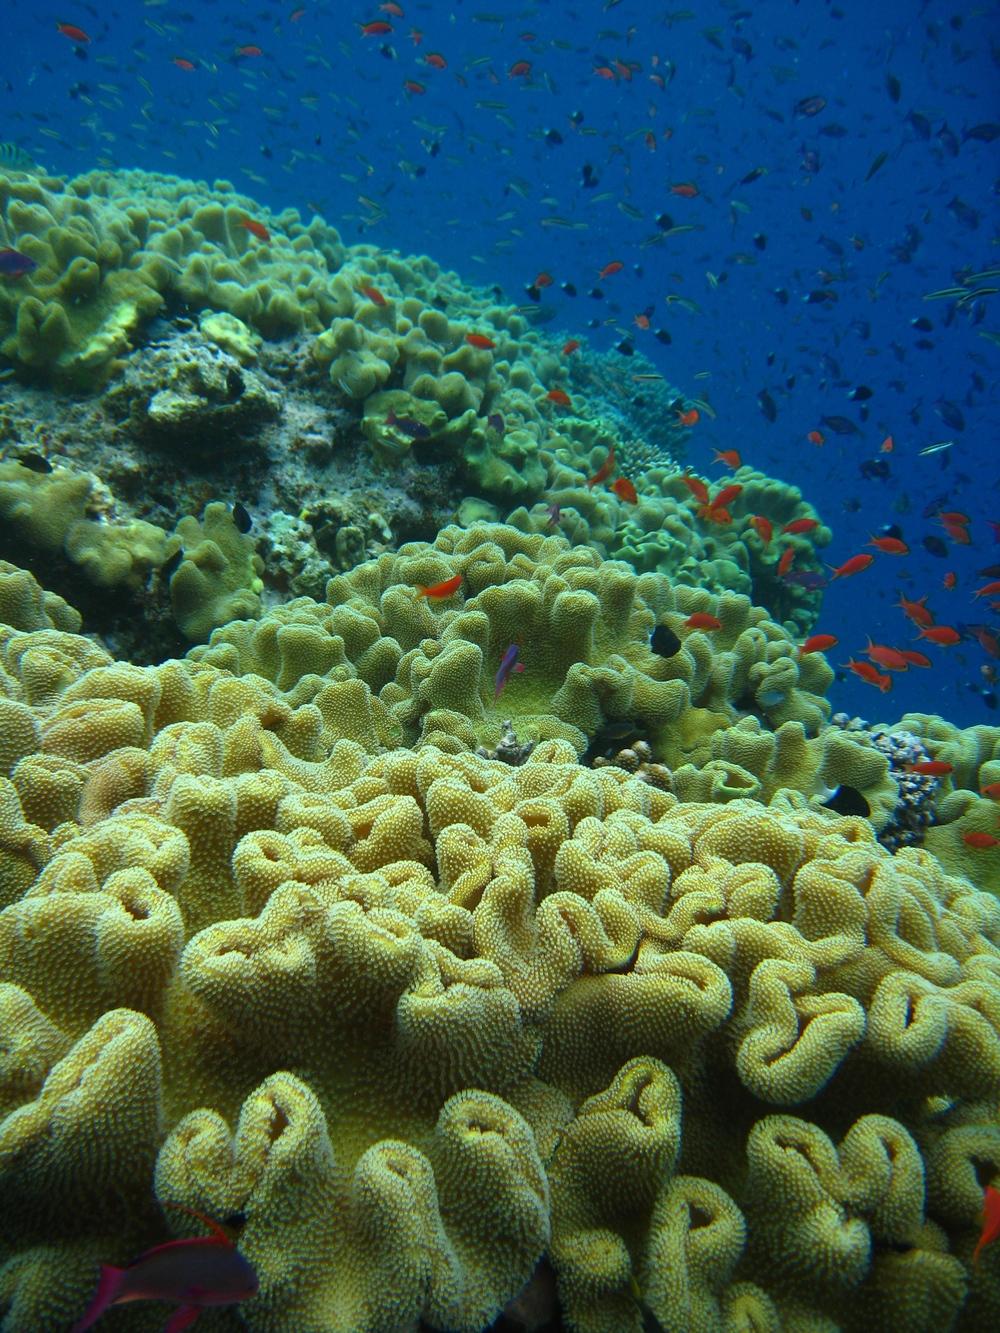 Fiji032009++3452+9-660171888-O.jpg